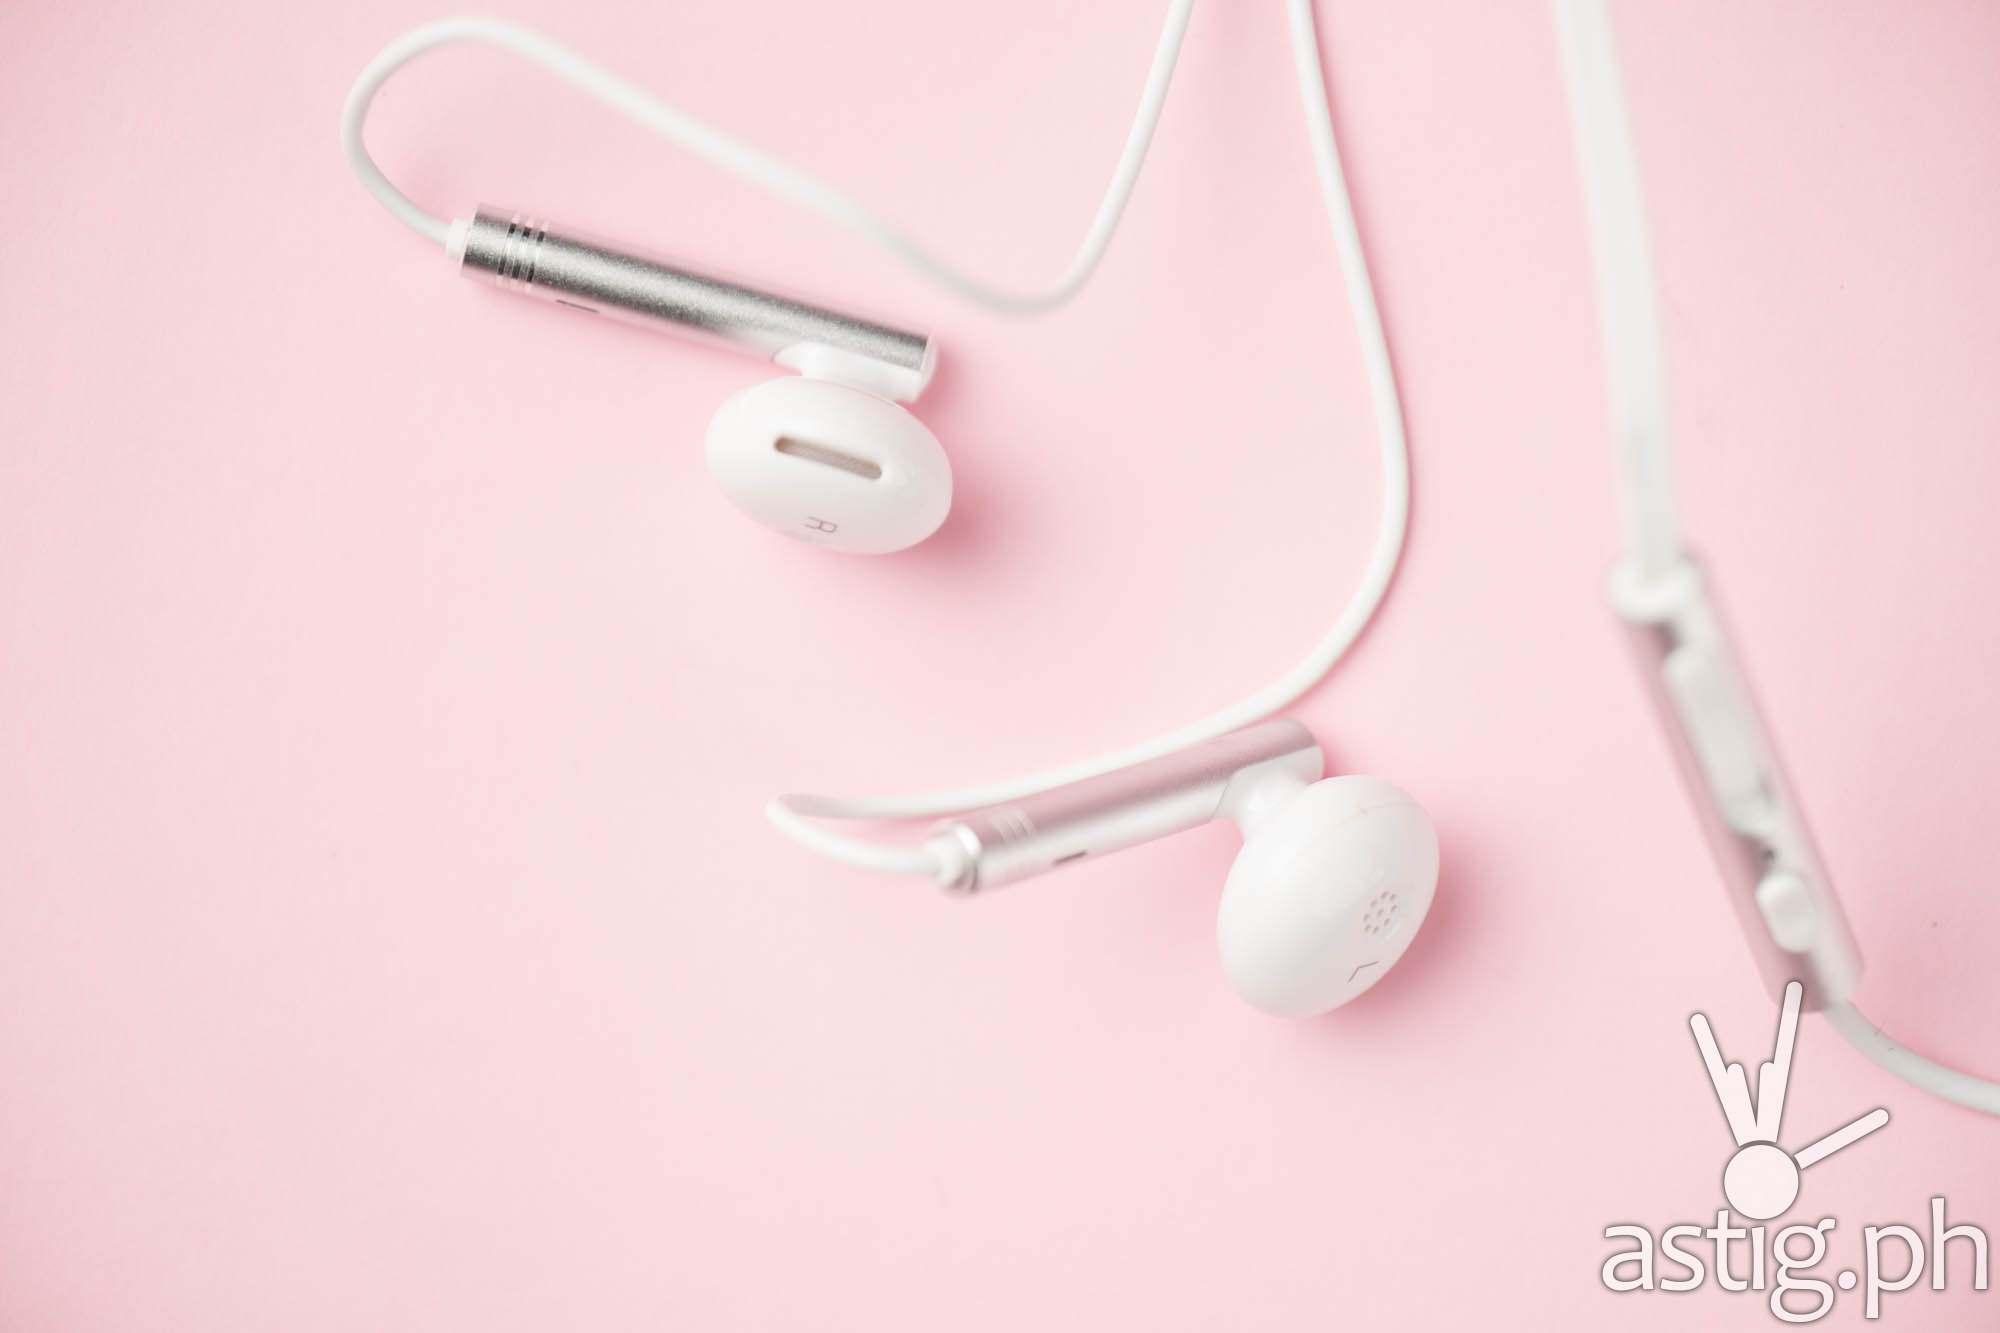 Headset - TECNO PHANTOM X (Philippines)